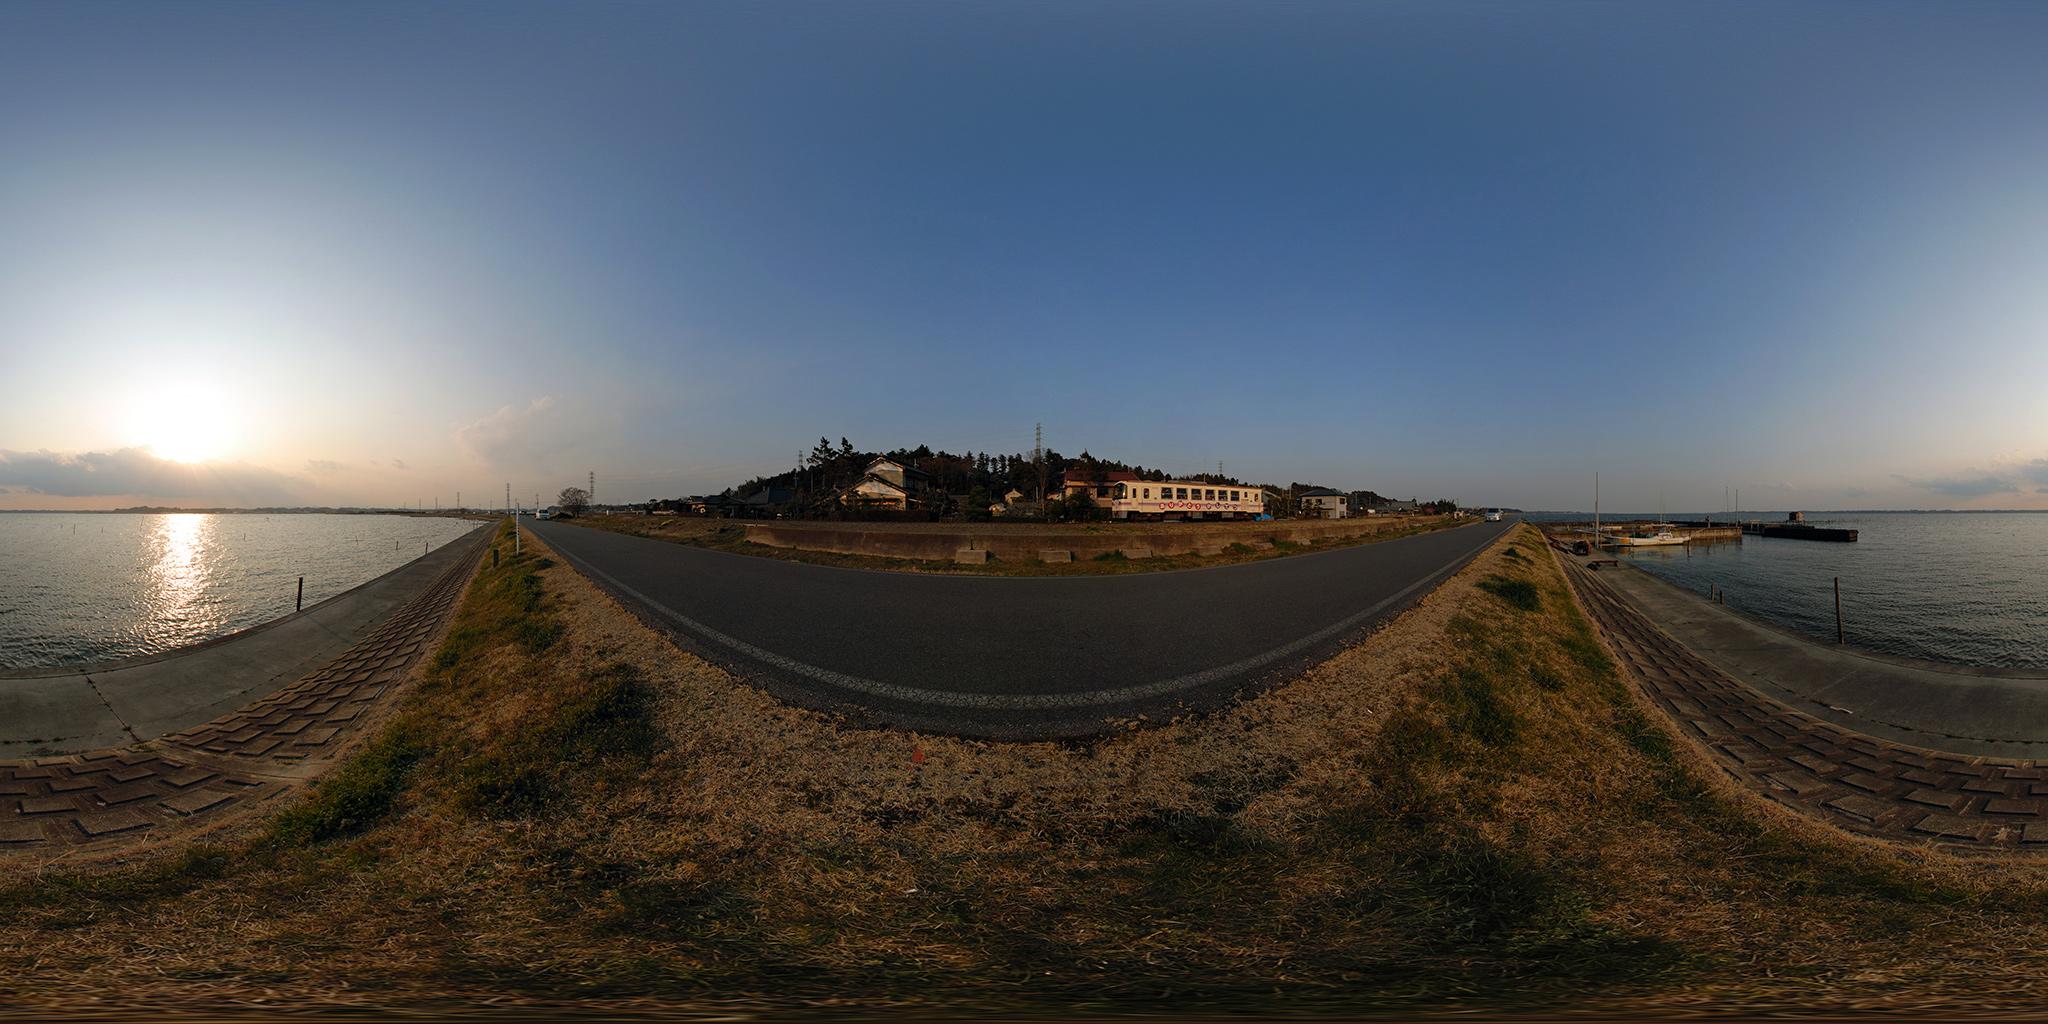 霞ヶ浦湖岸を走っていた鹿島鉄道